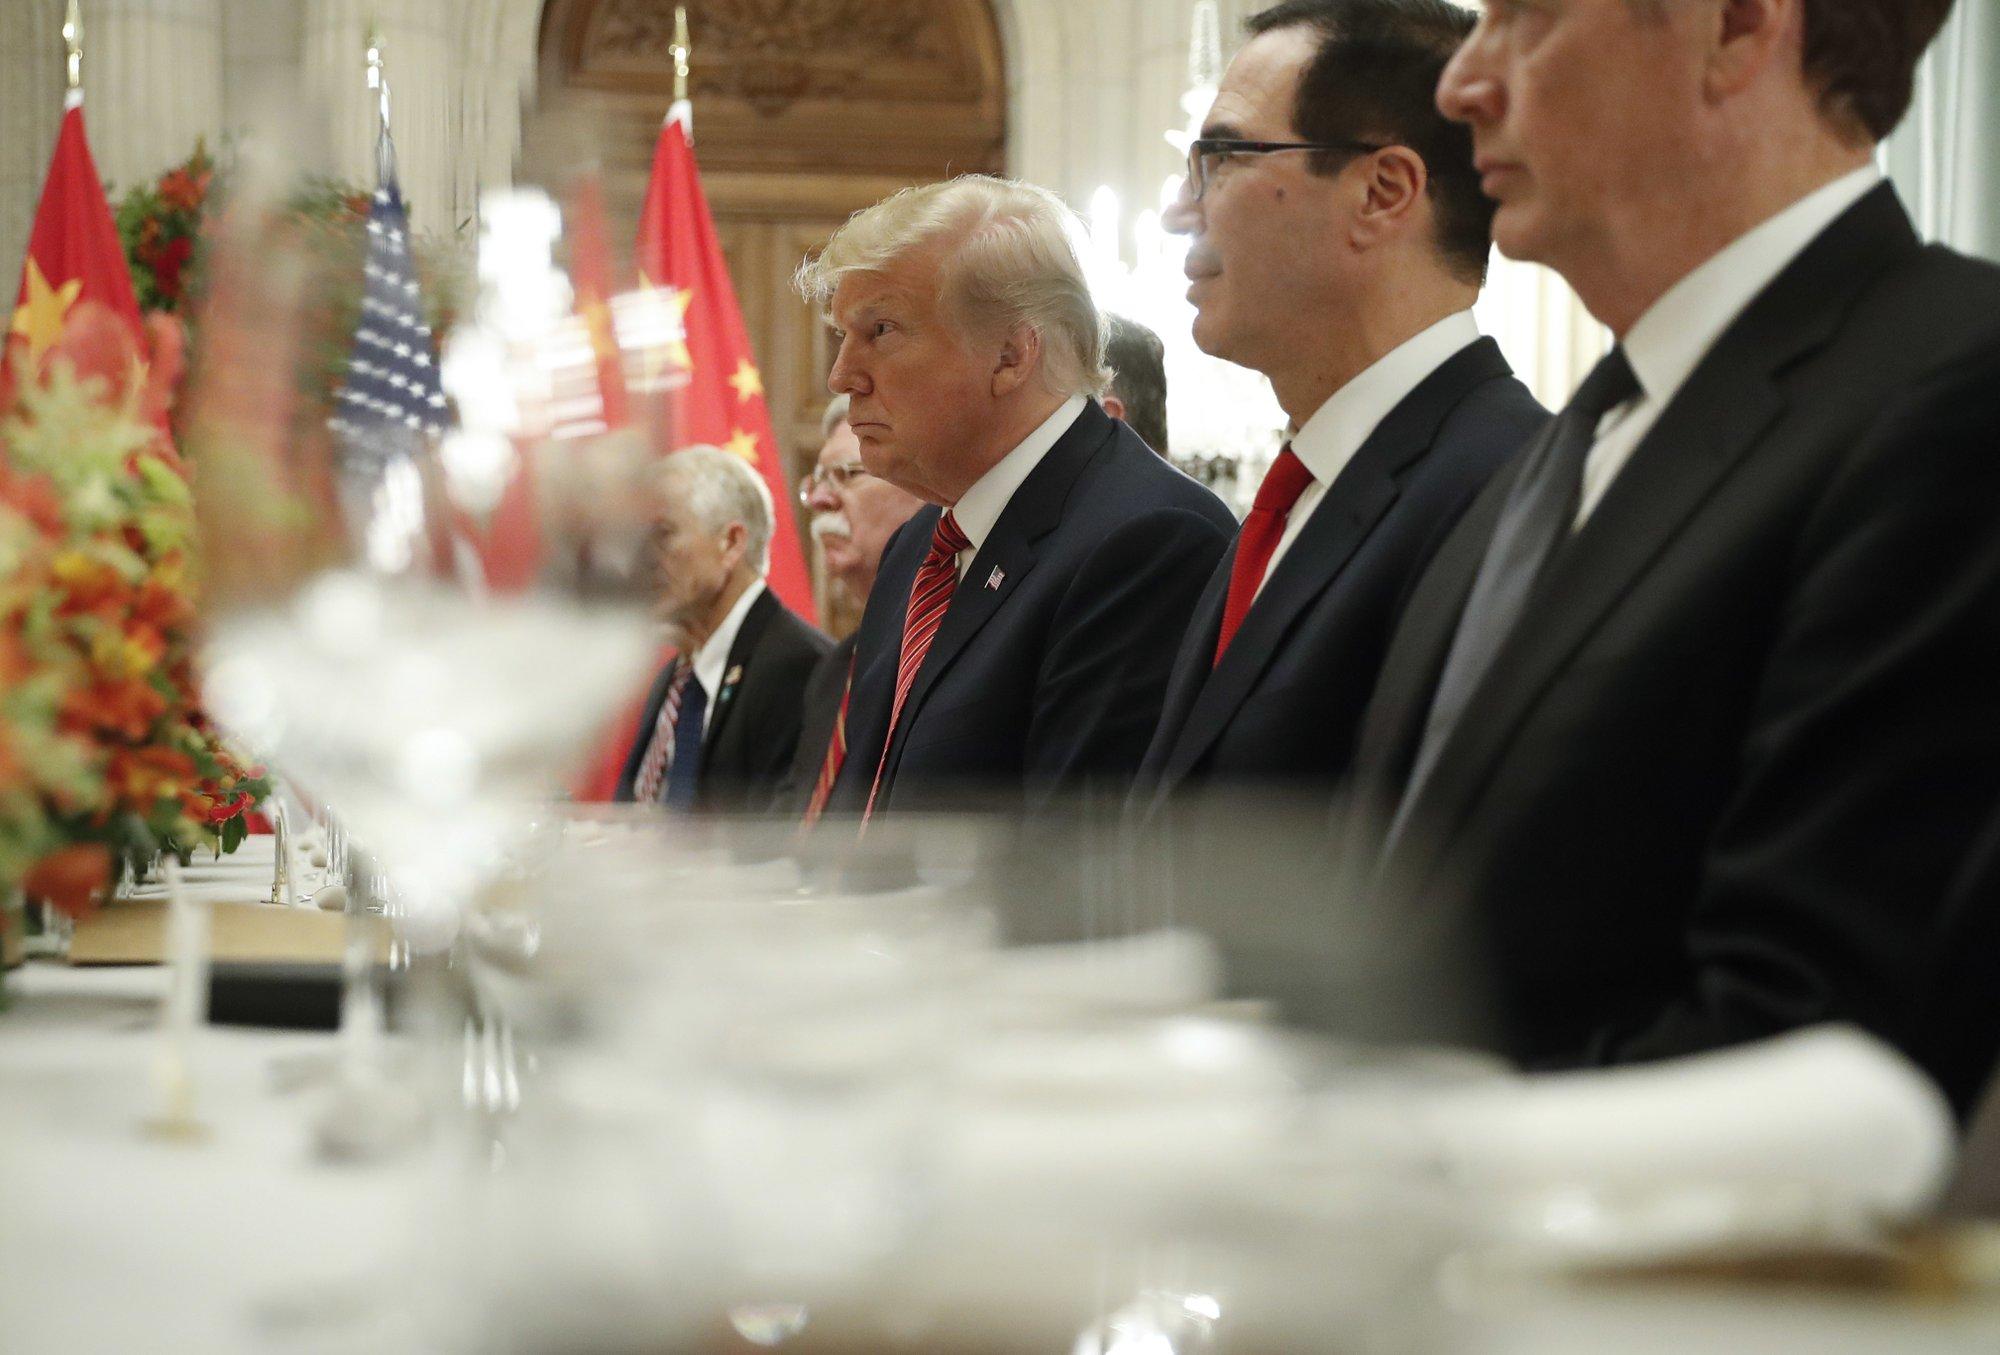 G20 Summit_1543762193154.jpg.jpg